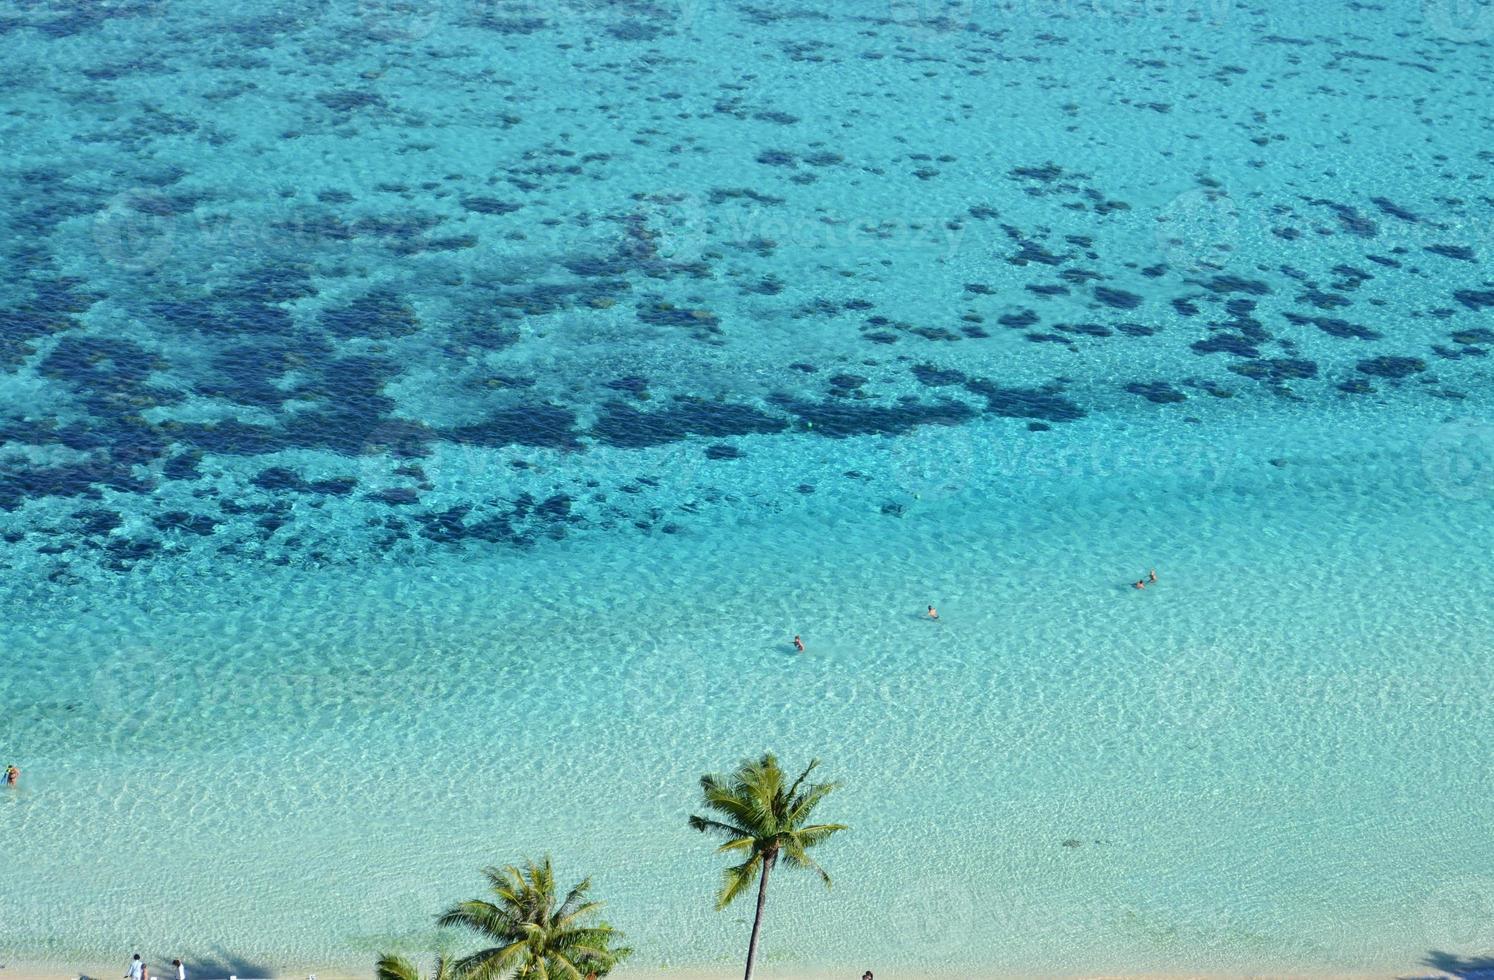 palmiers et récif de corail photo